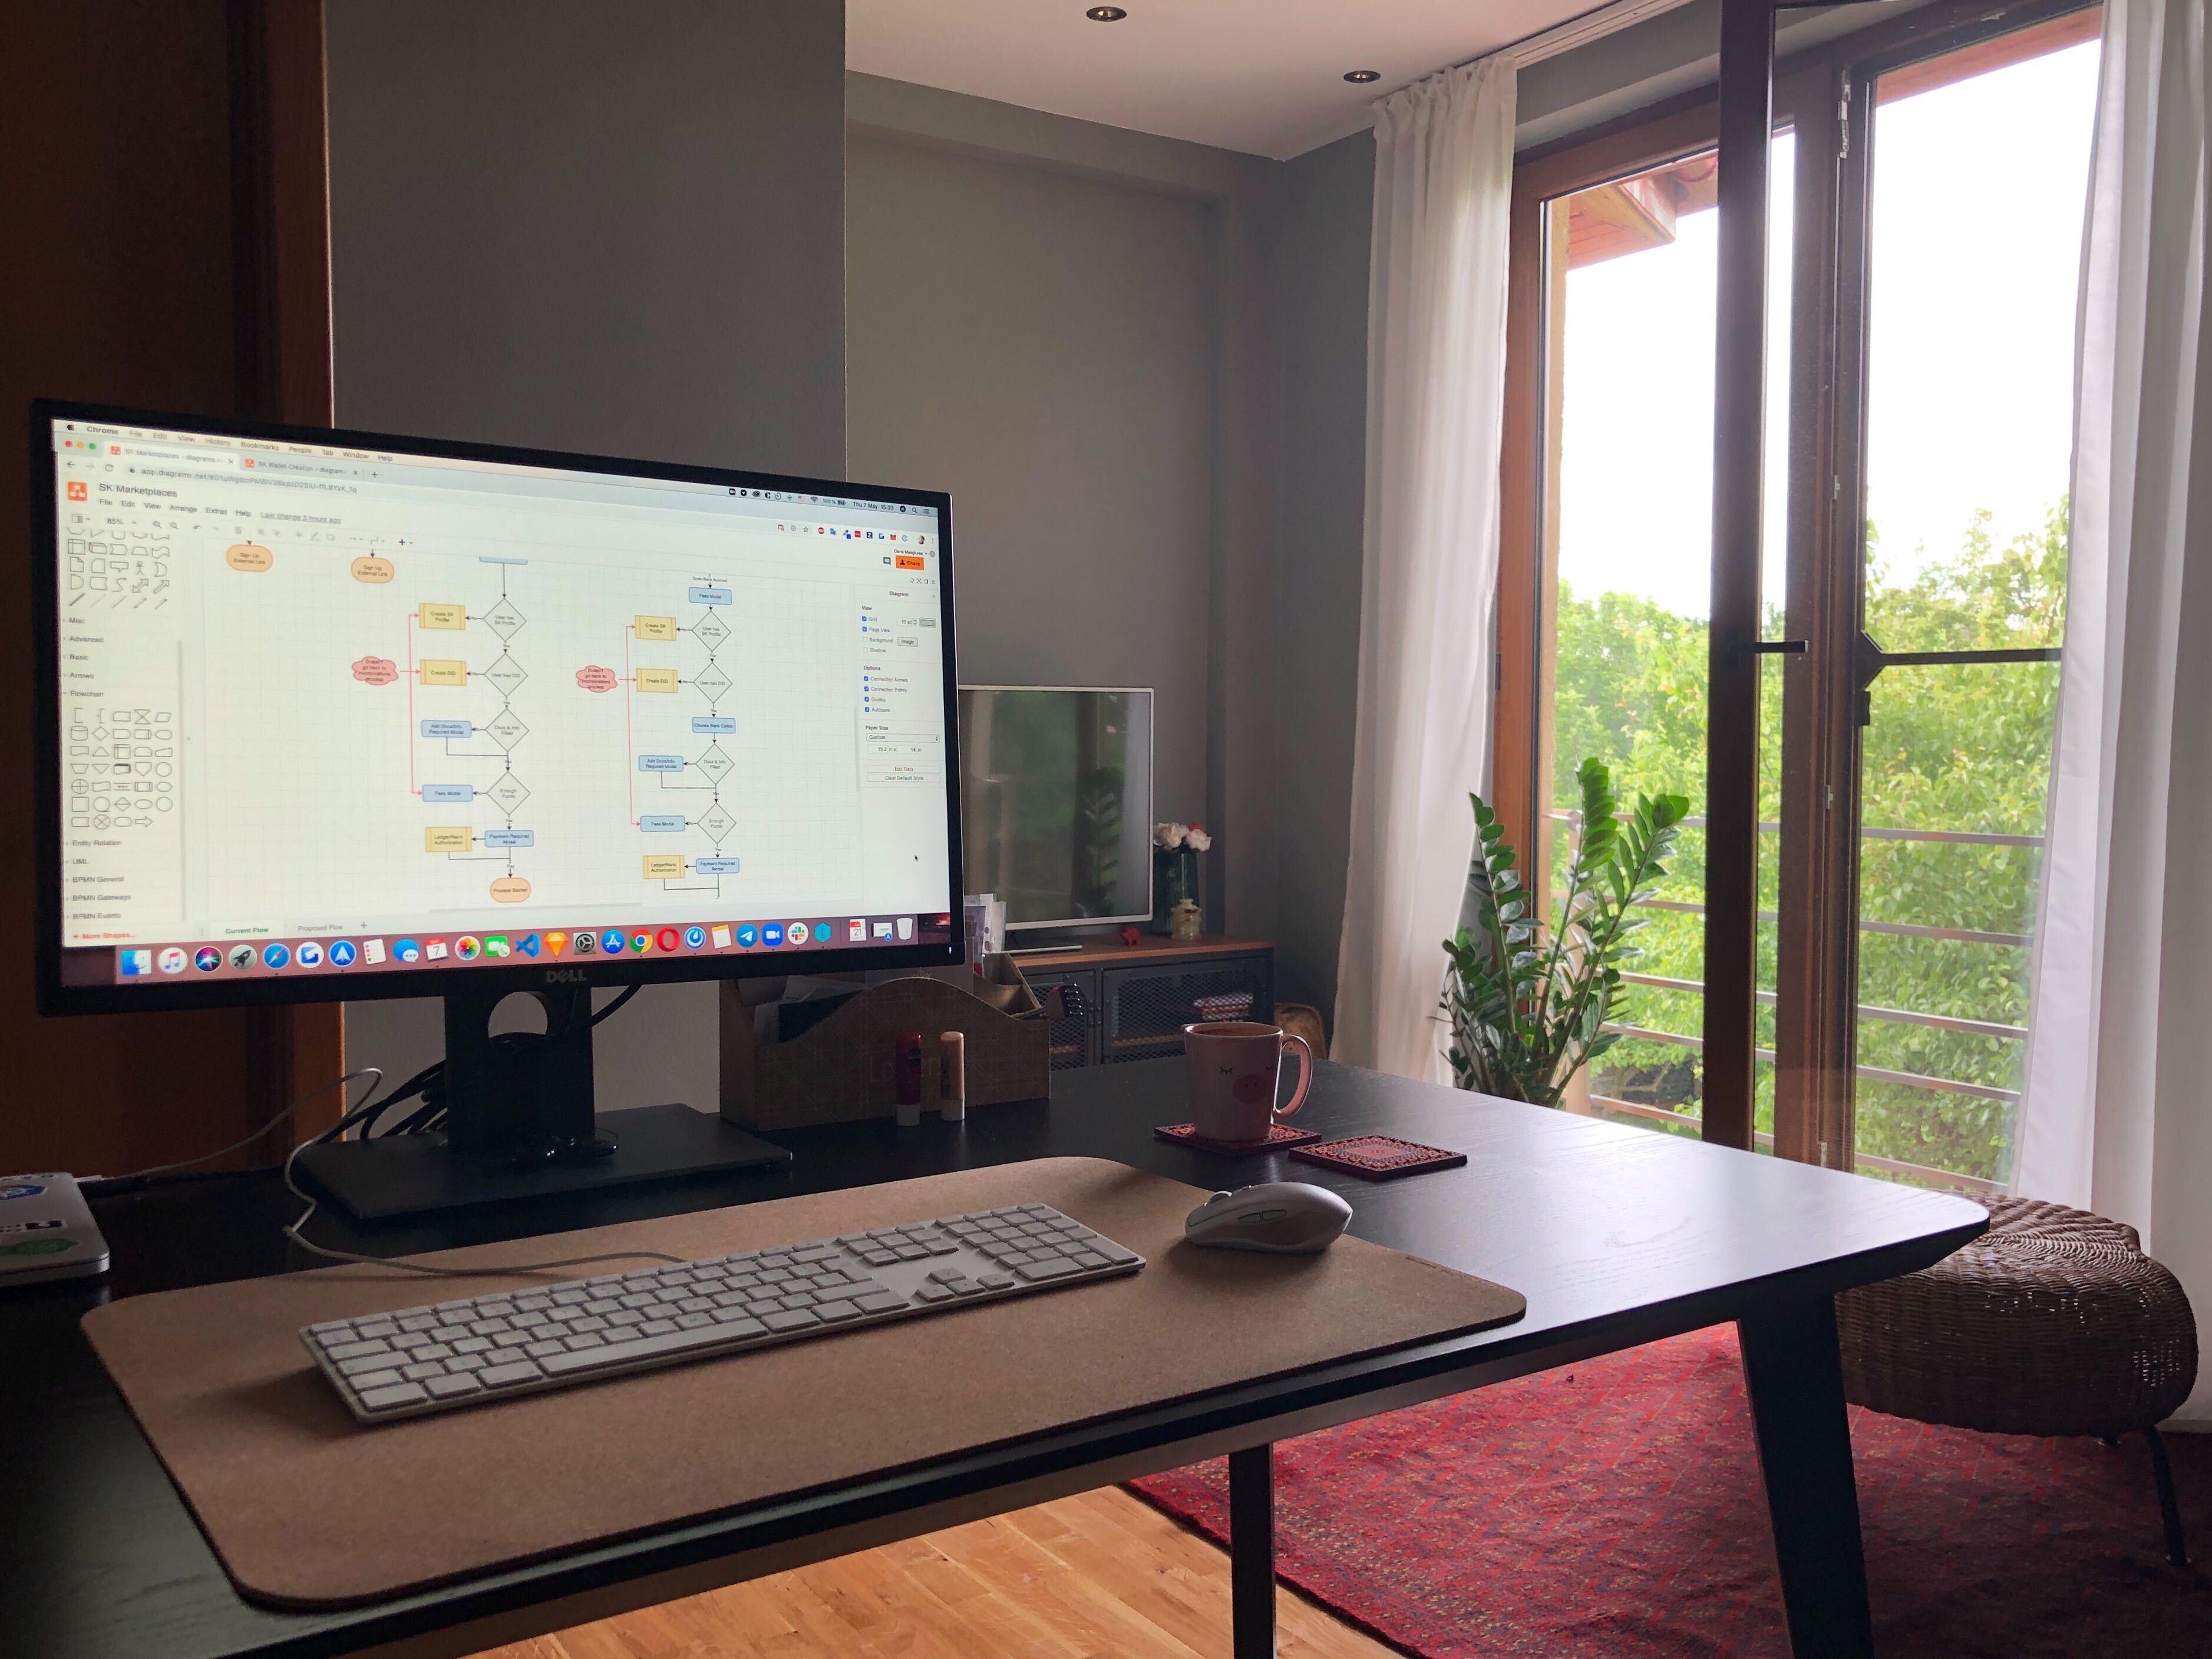 <Oana Mangiurea's workspace>